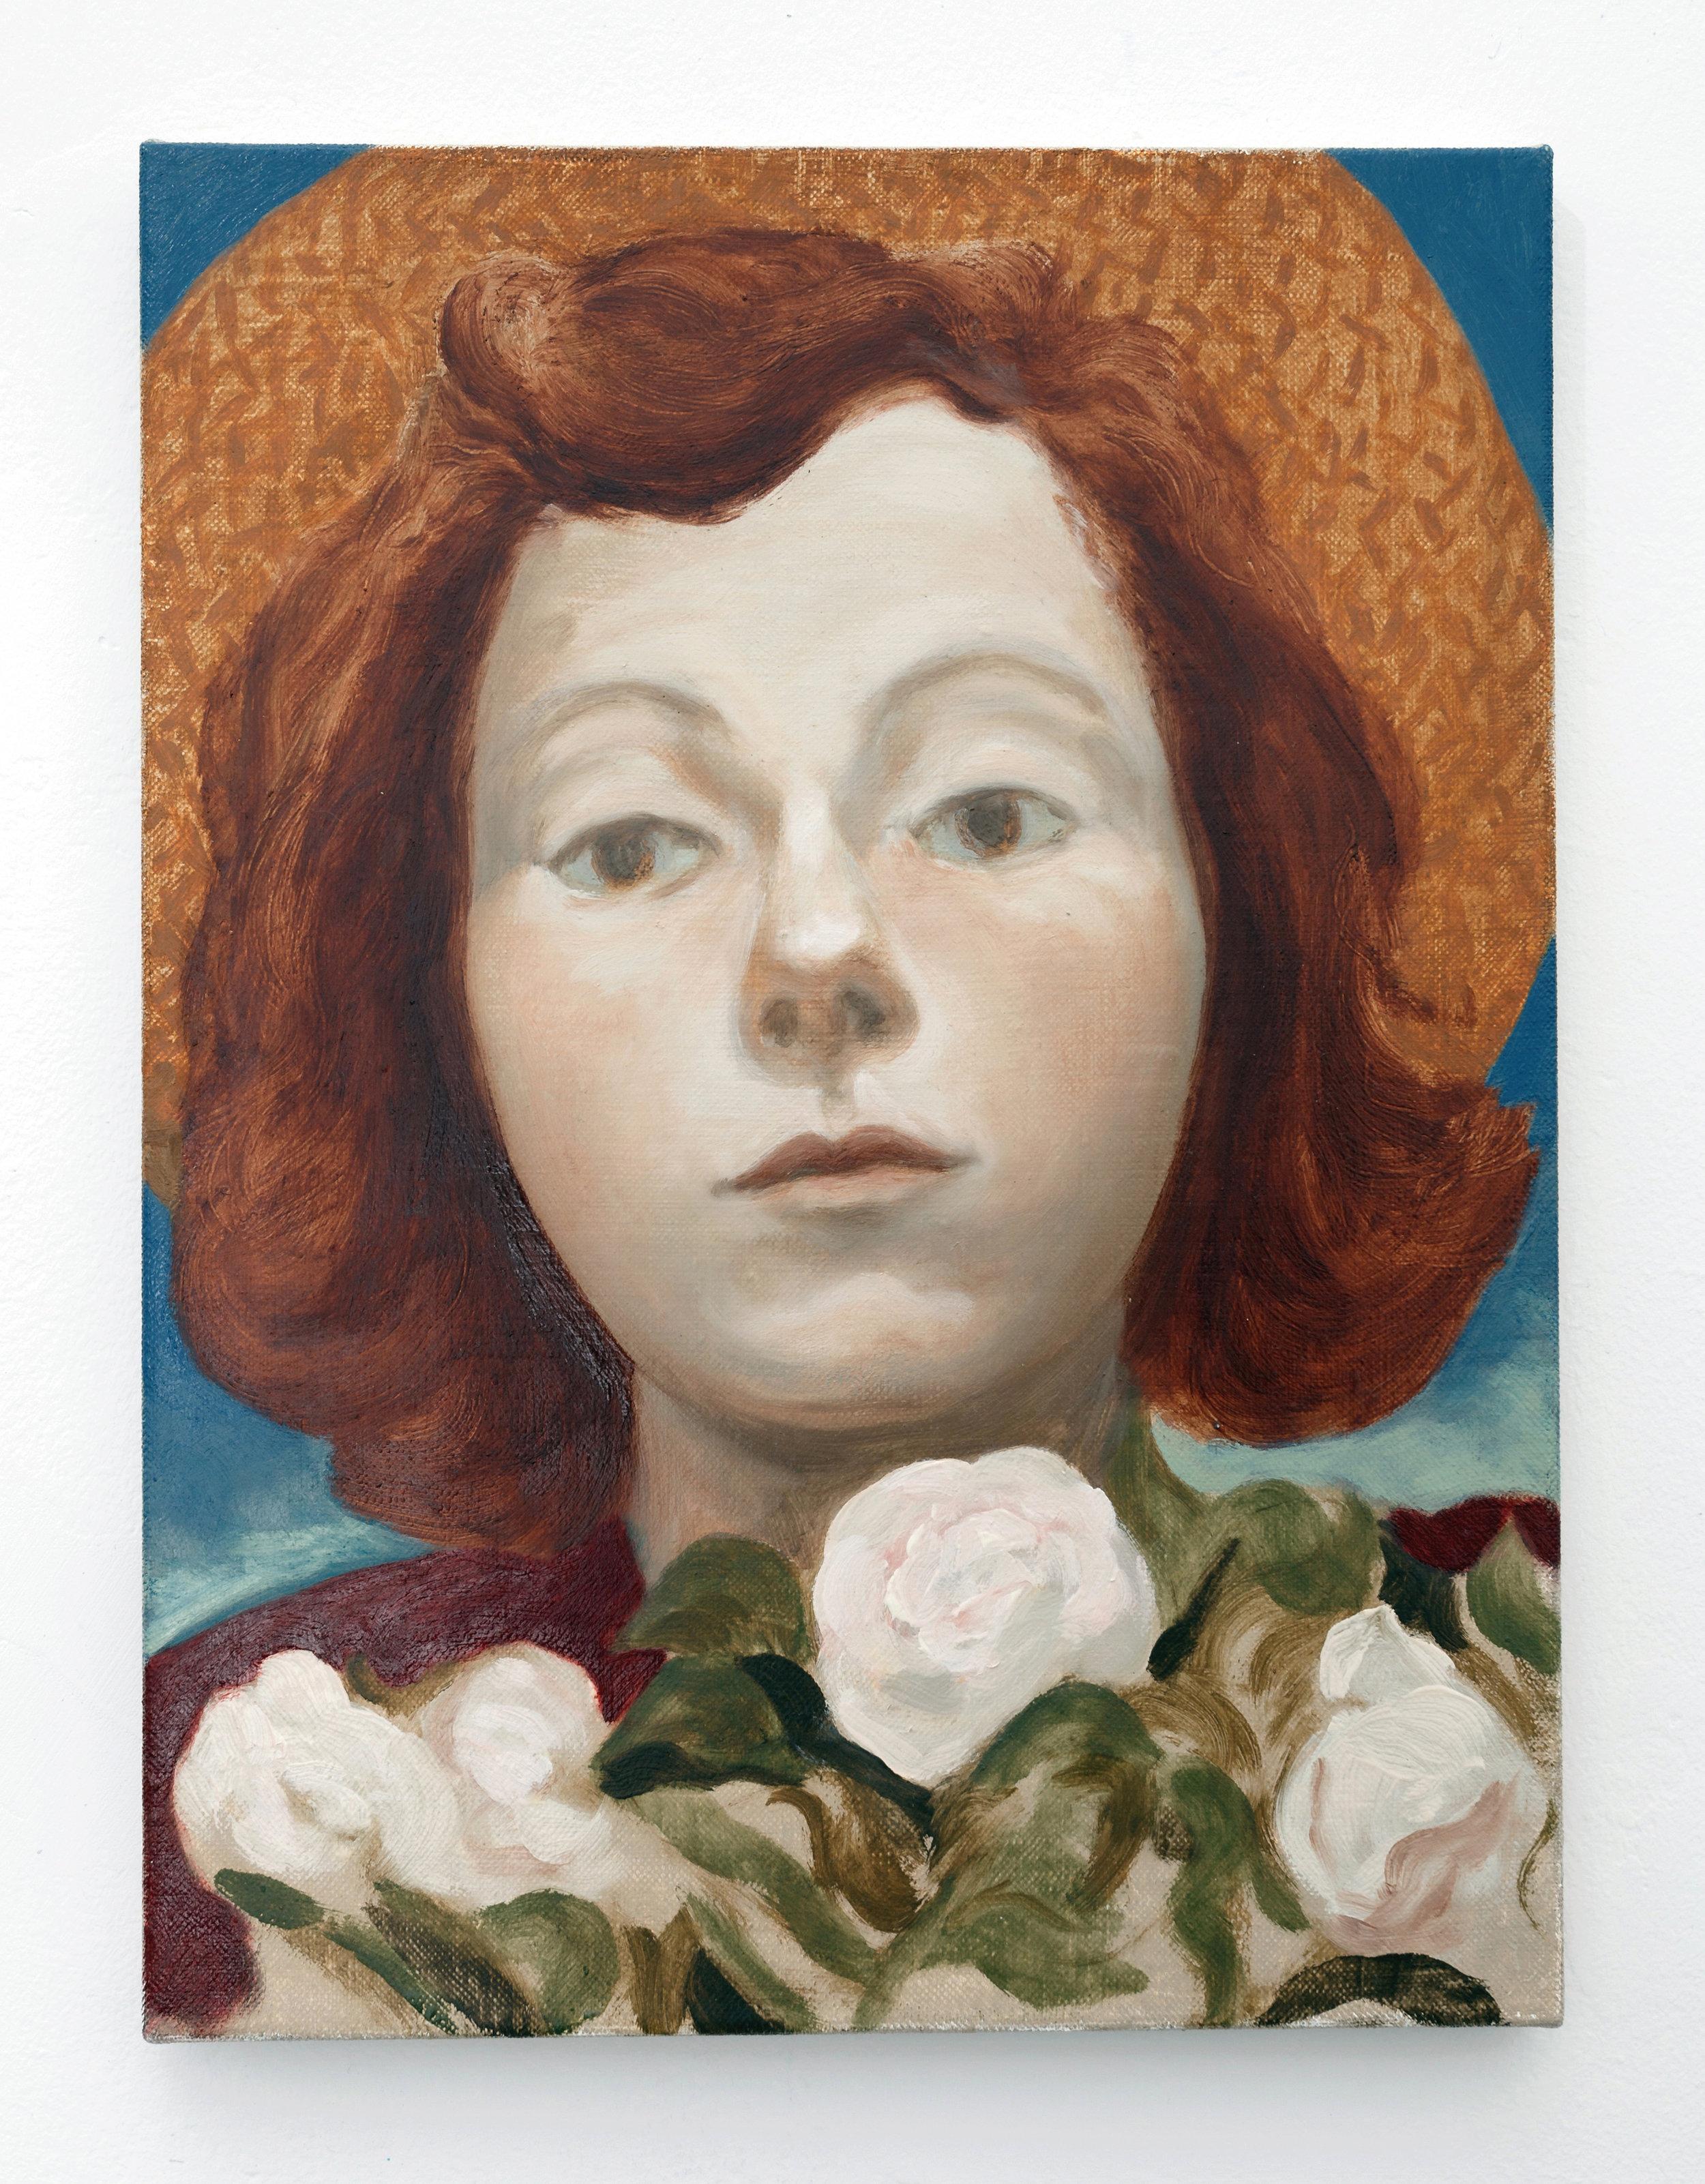 The gardener,  2018 Oil on linen, 40cm x 30 cm